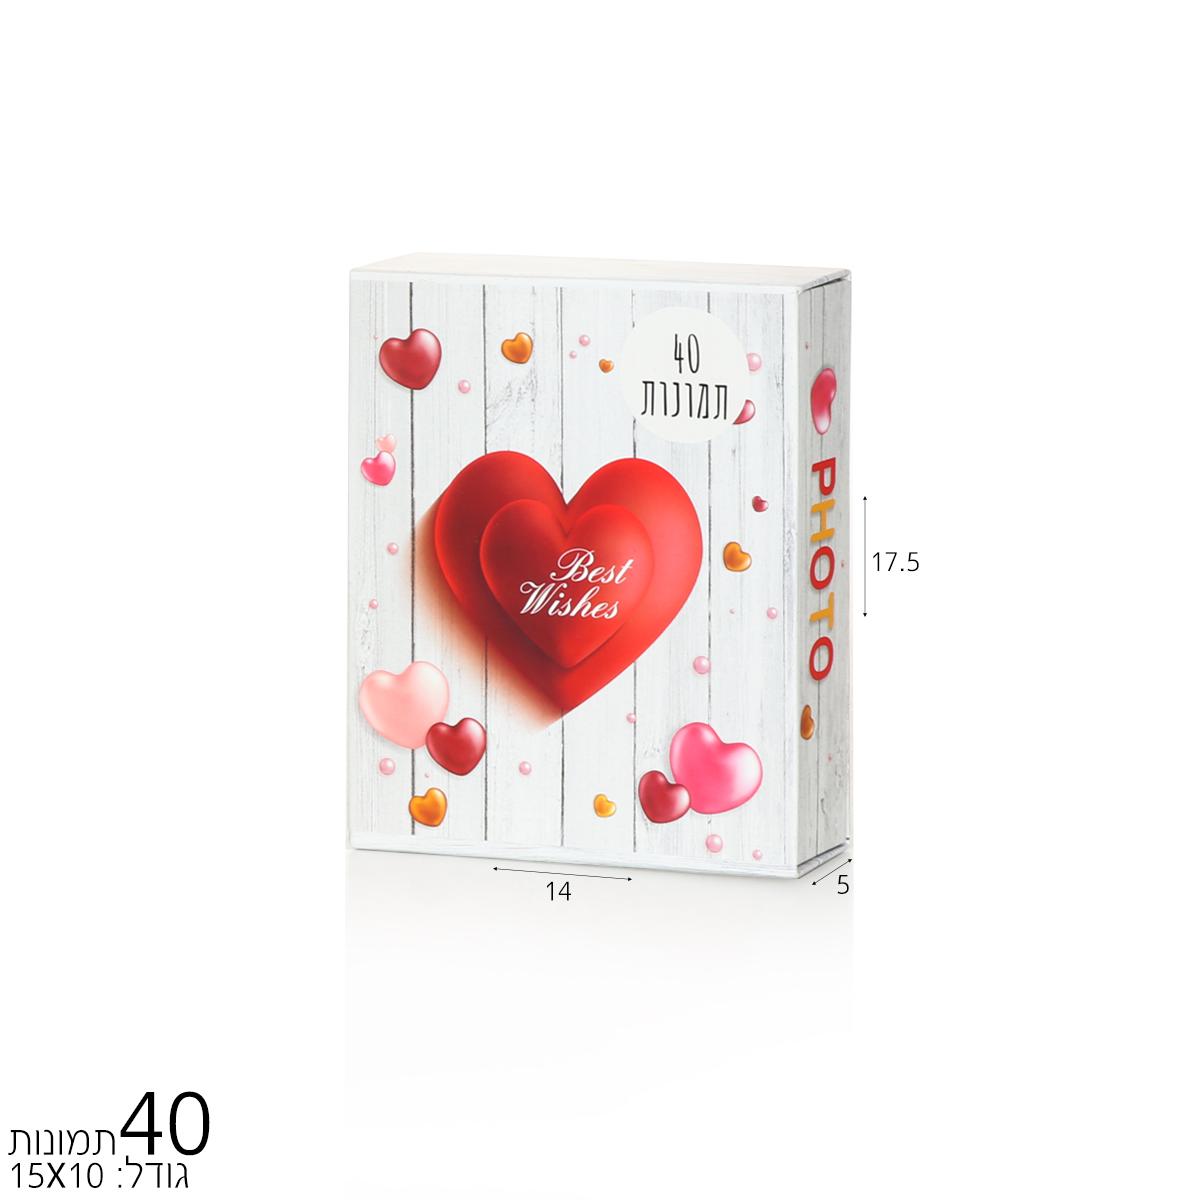 אלבום 40 תמונות לבבות